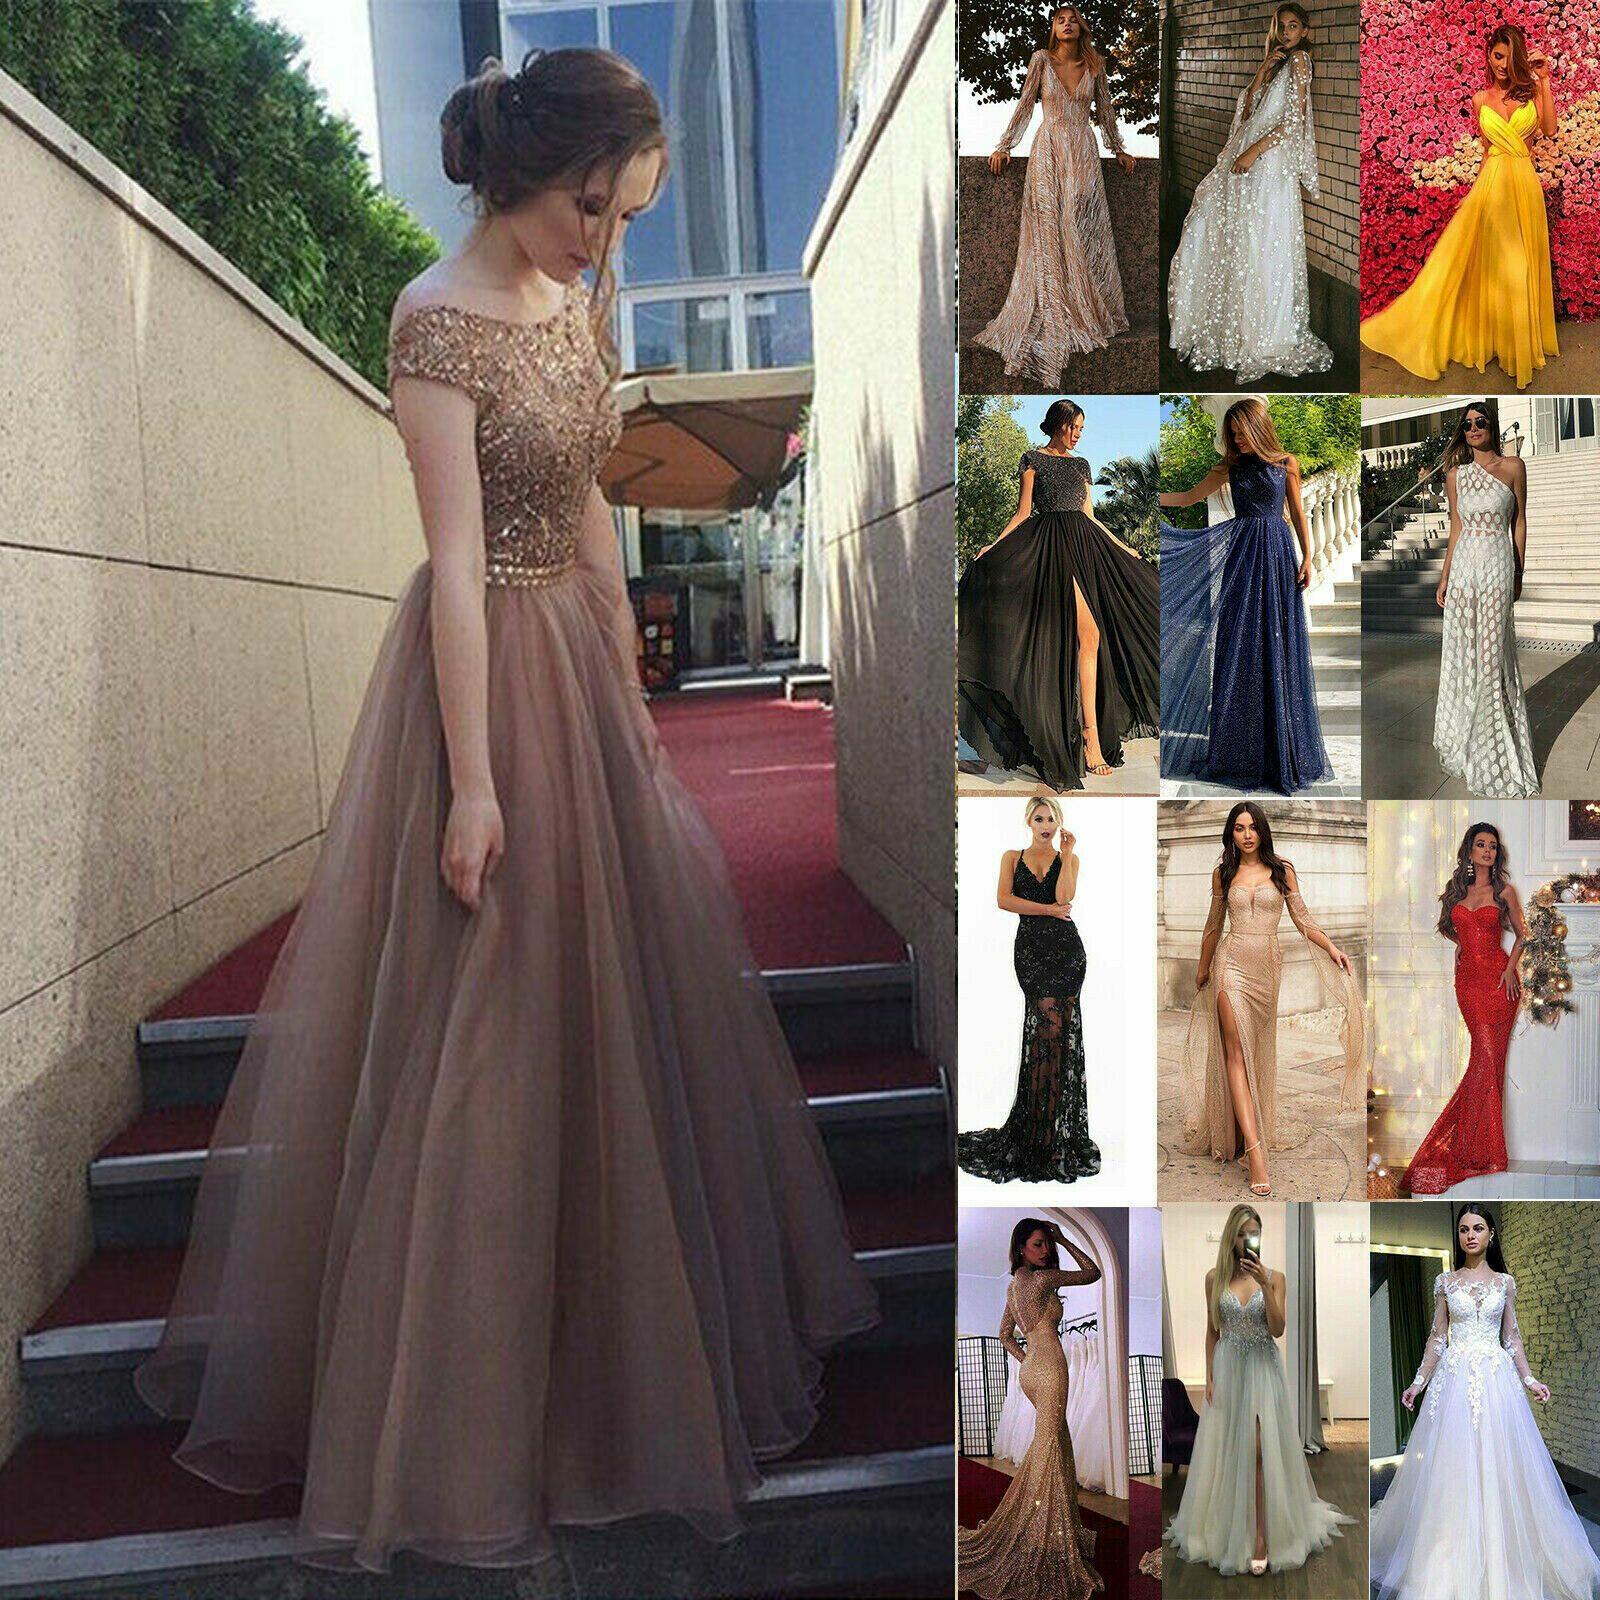 13 Schön Abendkleid Für Hochzeit für 2019Formal Ausgezeichnet Abendkleid Für Hochzeit für 2019